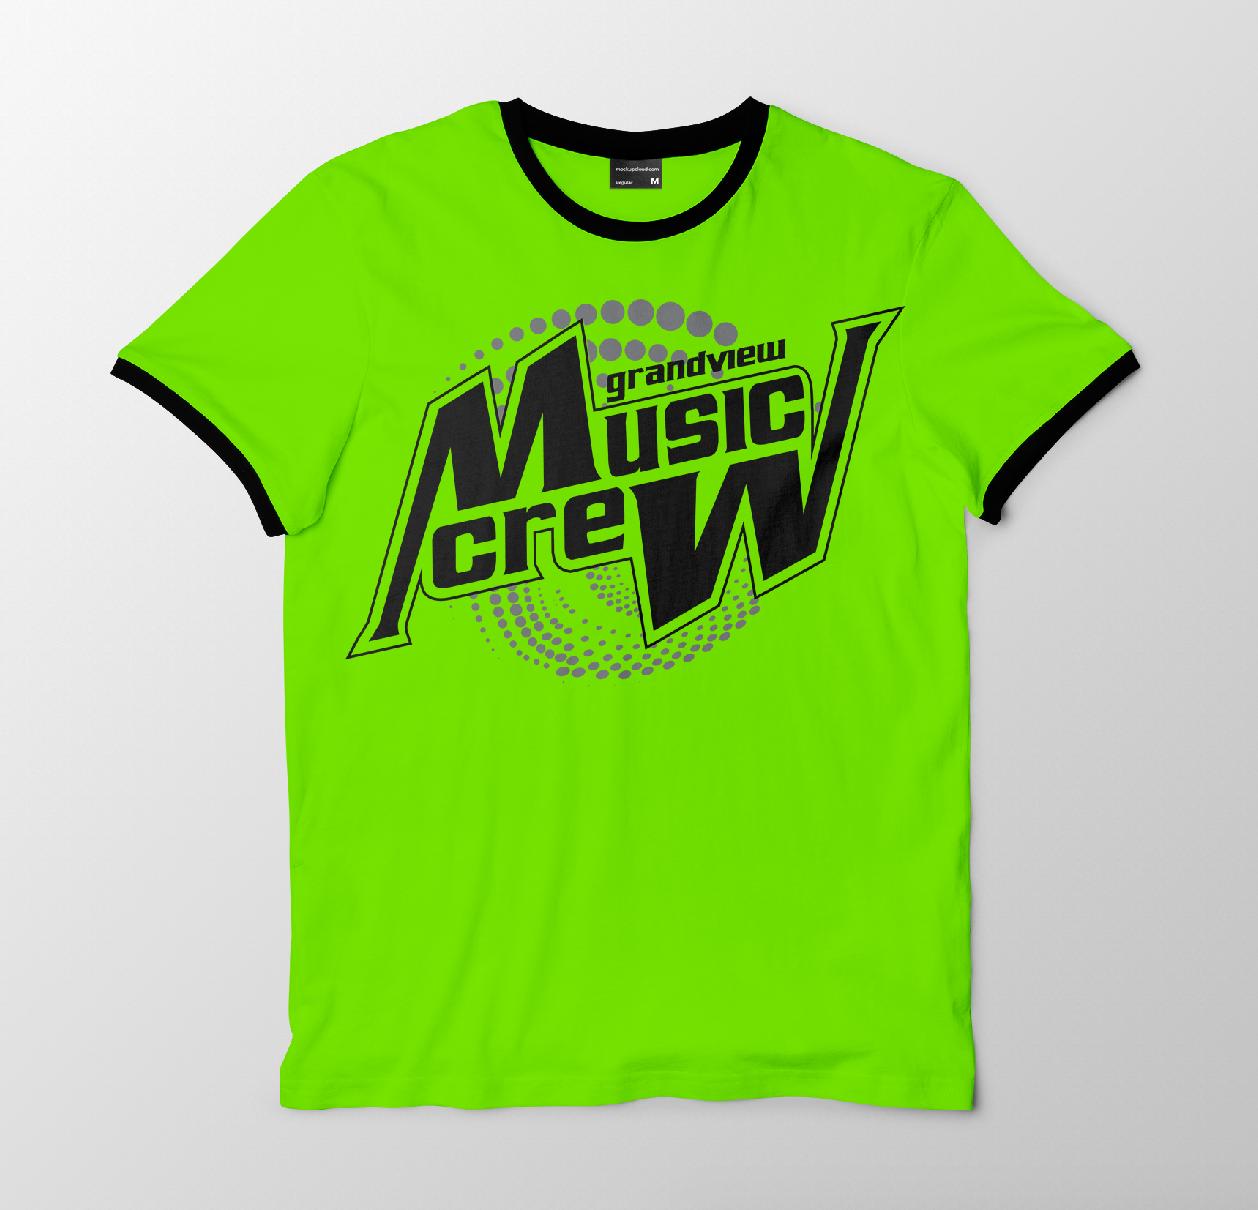 Greg Heckler Grandview Ms Music Dept T Shirt Design